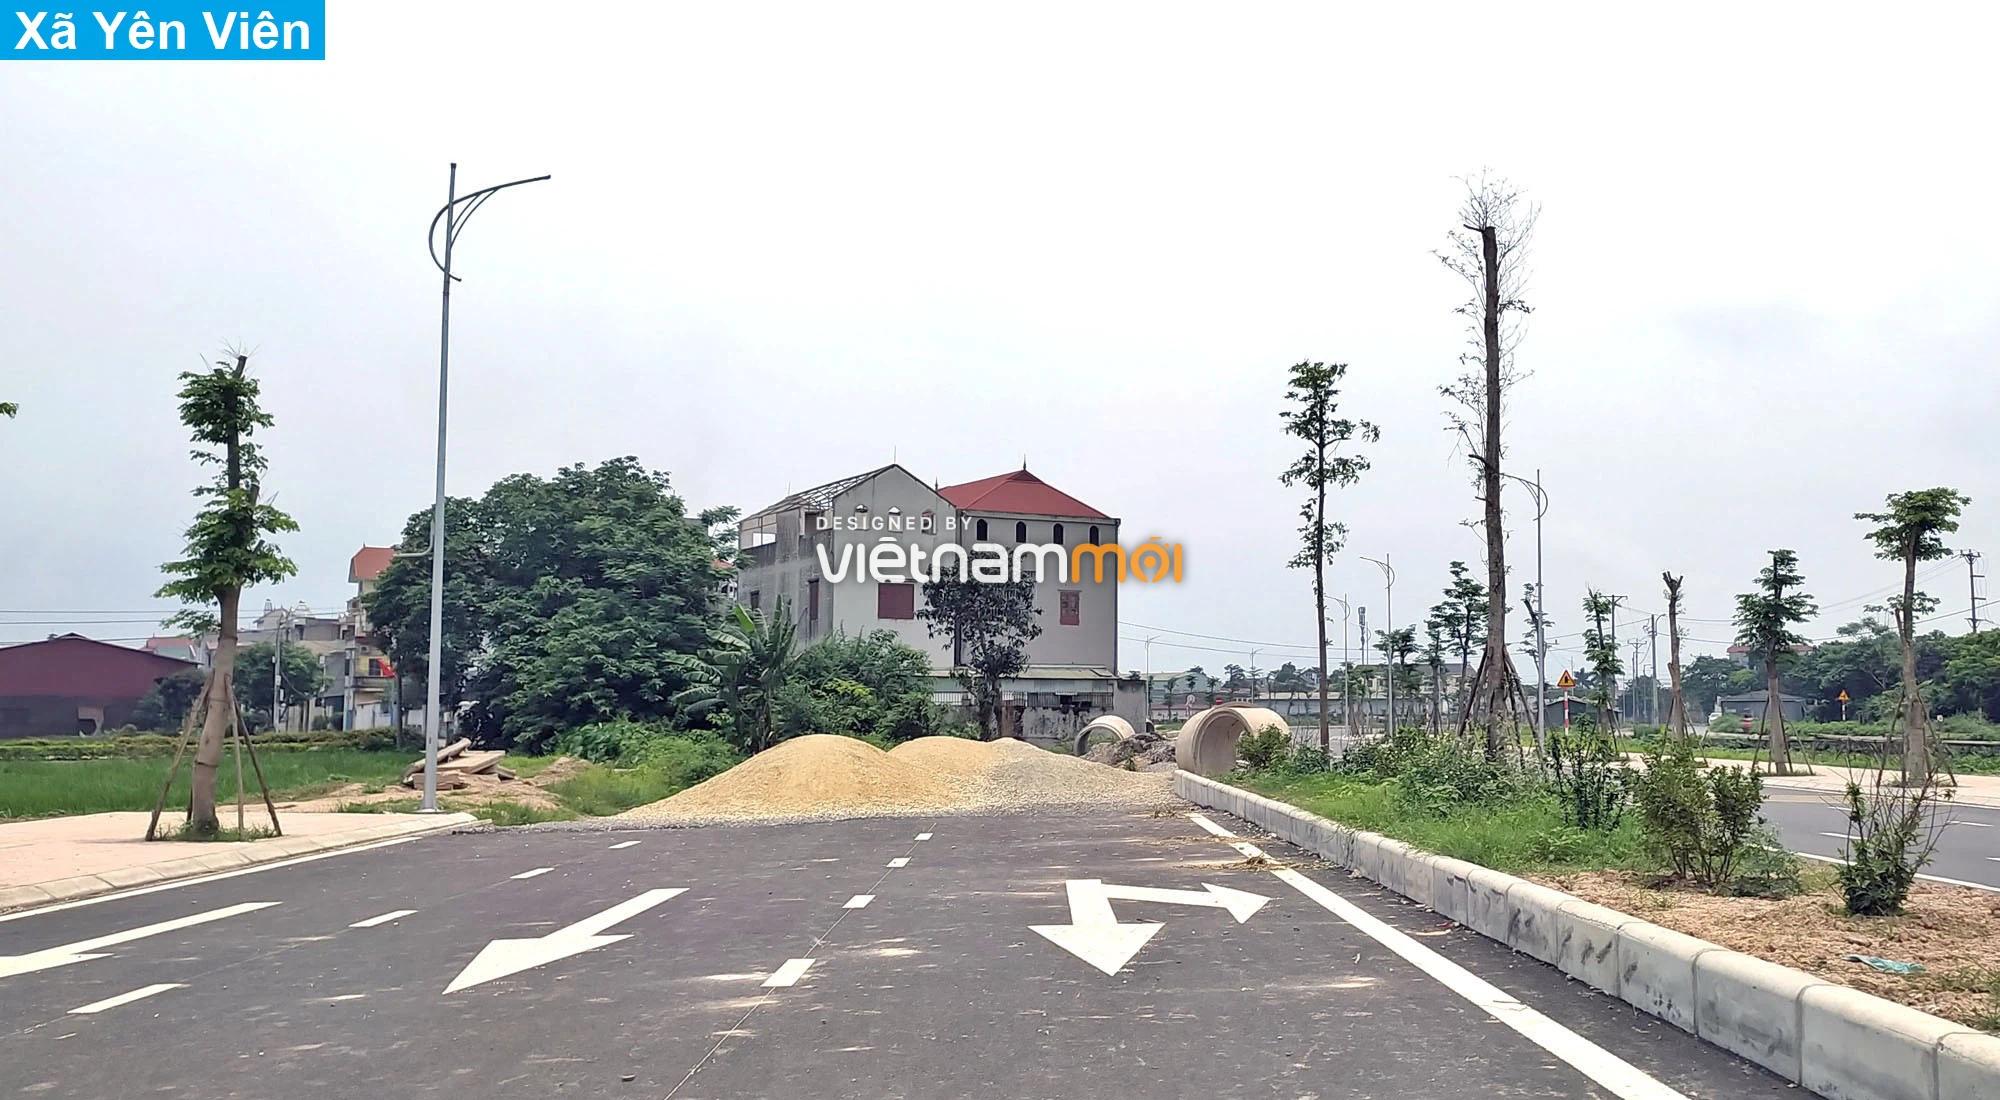 Toàn cảnh tuyến đường 40 m qua xã Yên Viên, Yên Thường đang mở theo quy hoạch ở Hà Nội - Ảnh 10.